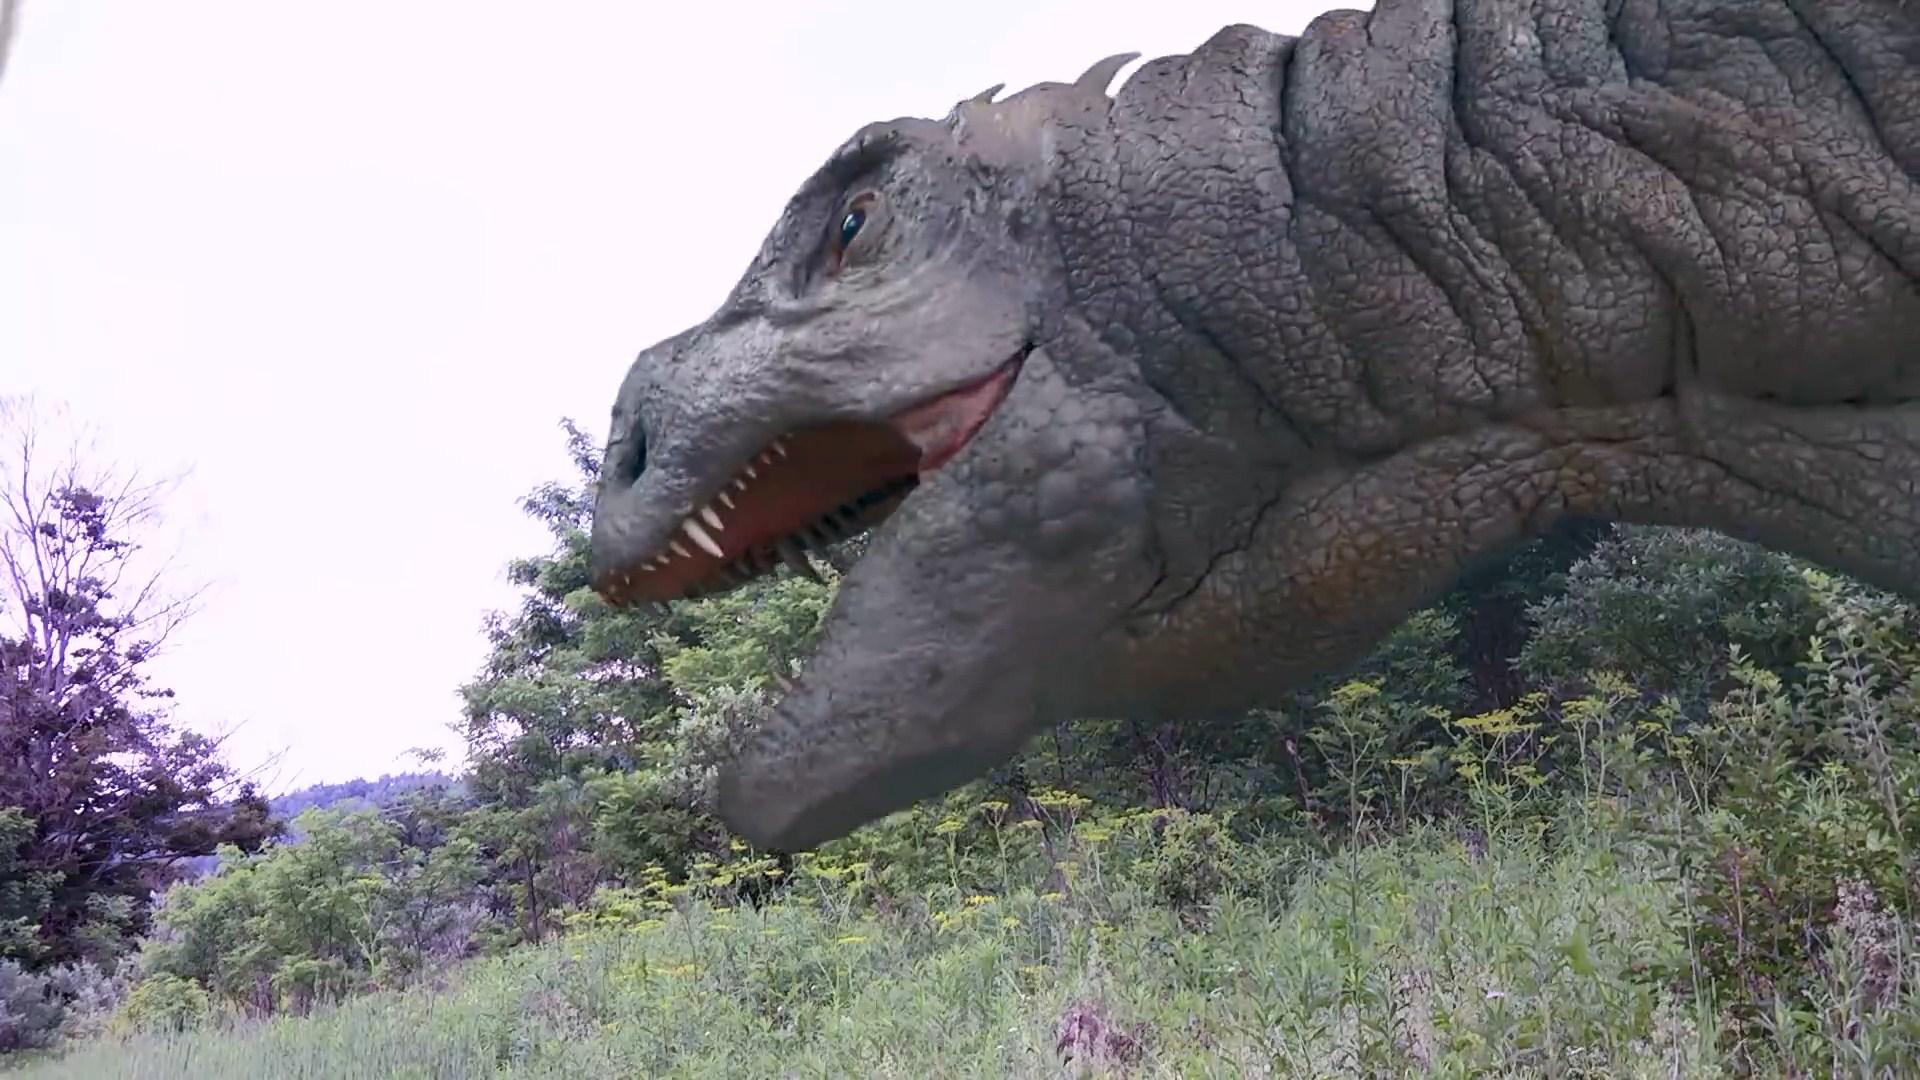 tyrannosaurus_rex_2015_02.jpg